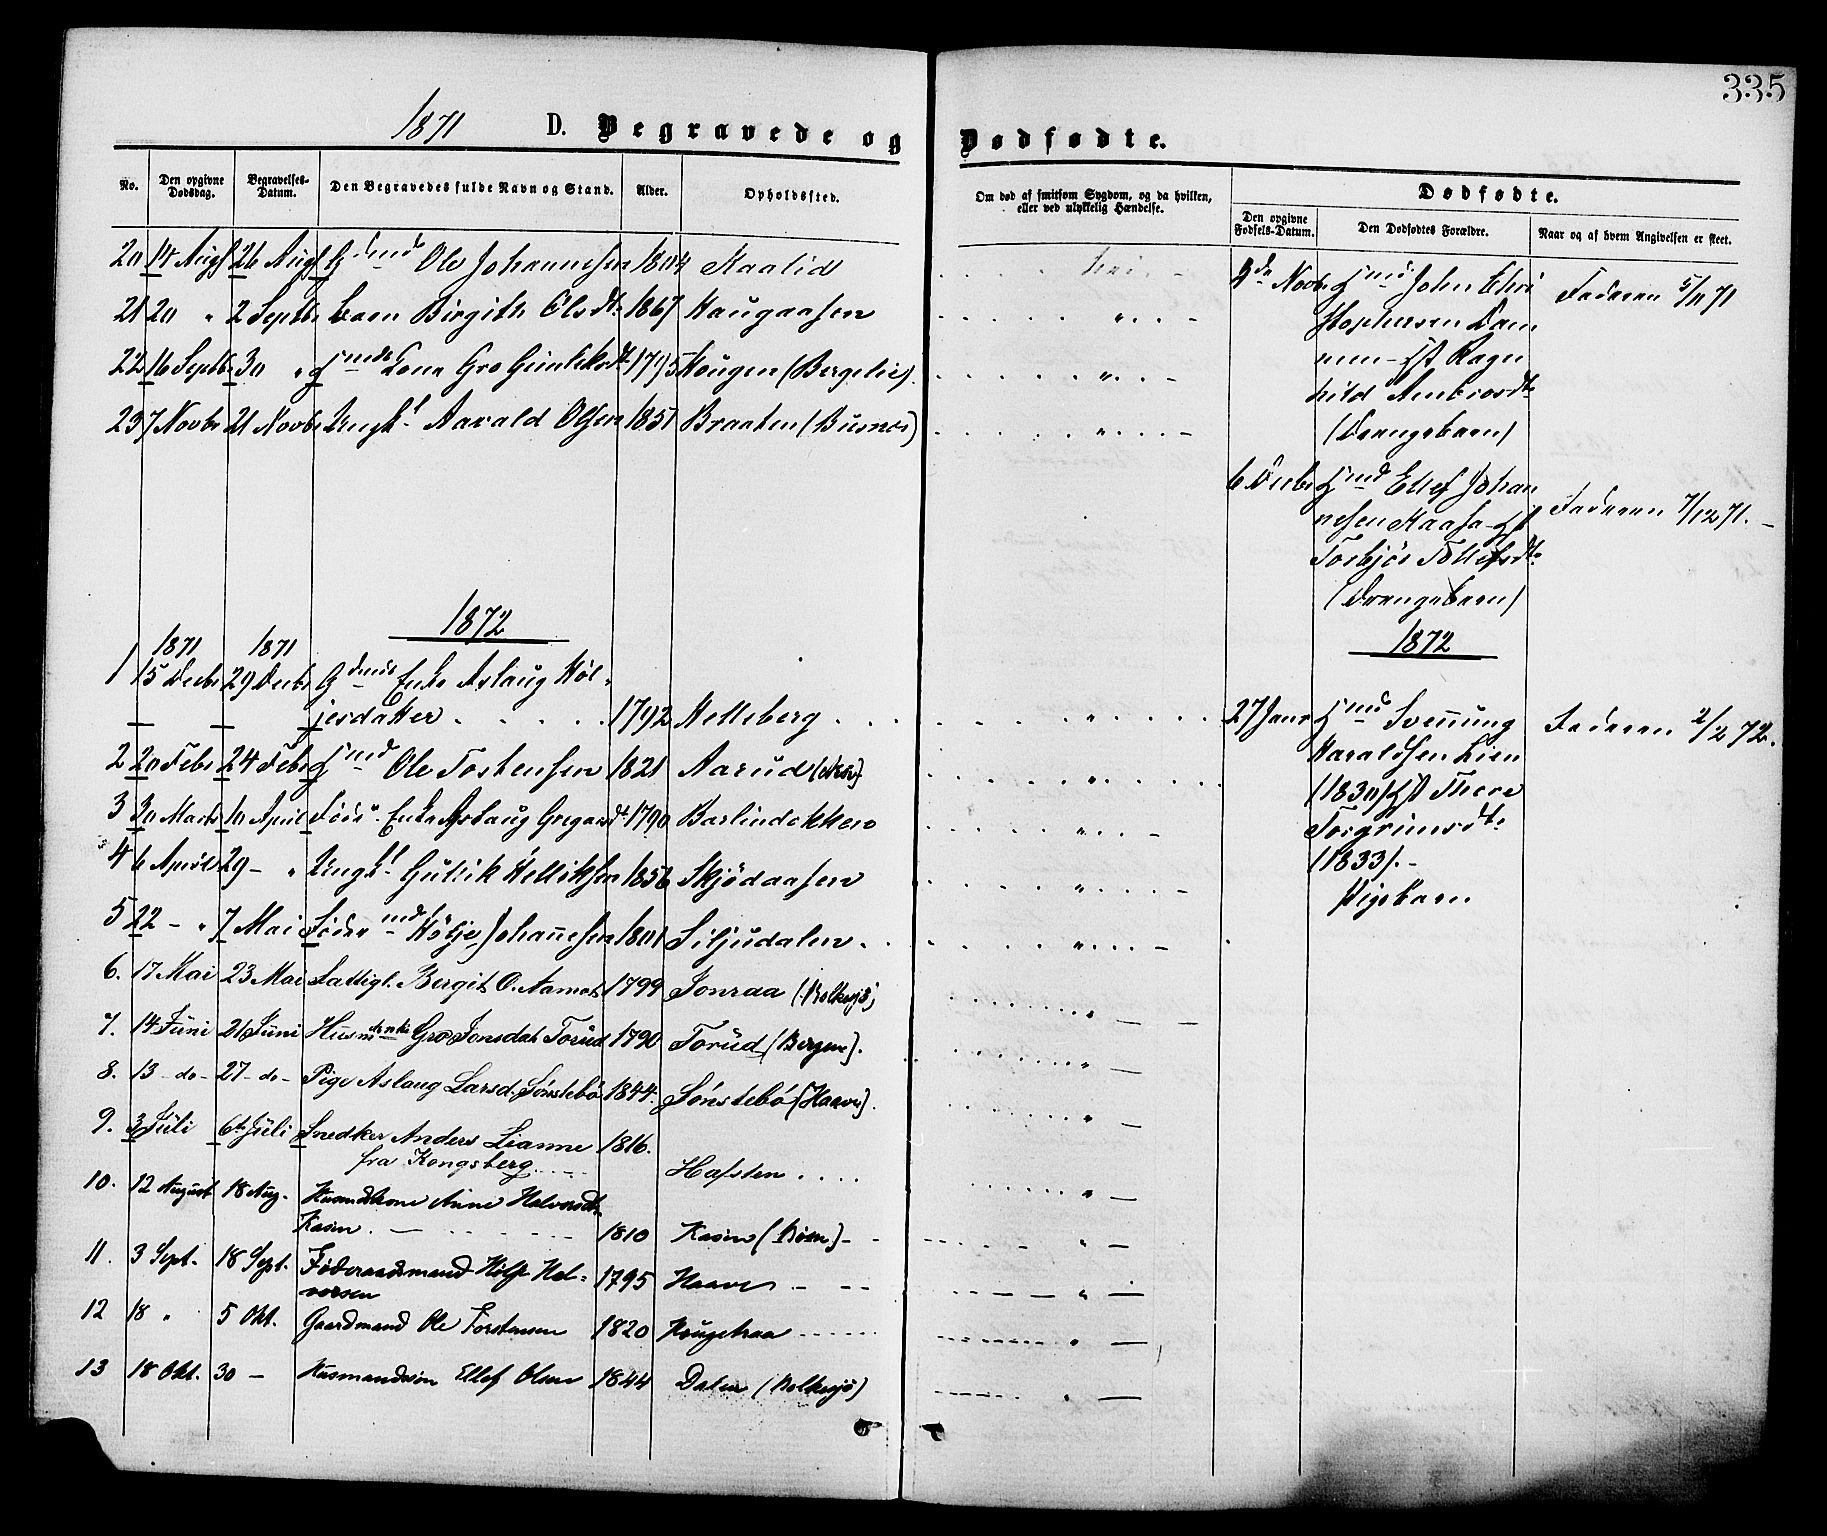 SAKO, Gransherad kirkebøker, F/Fa/L0004: Ministerialbok nr. I 4, 1871-1886, s. 335